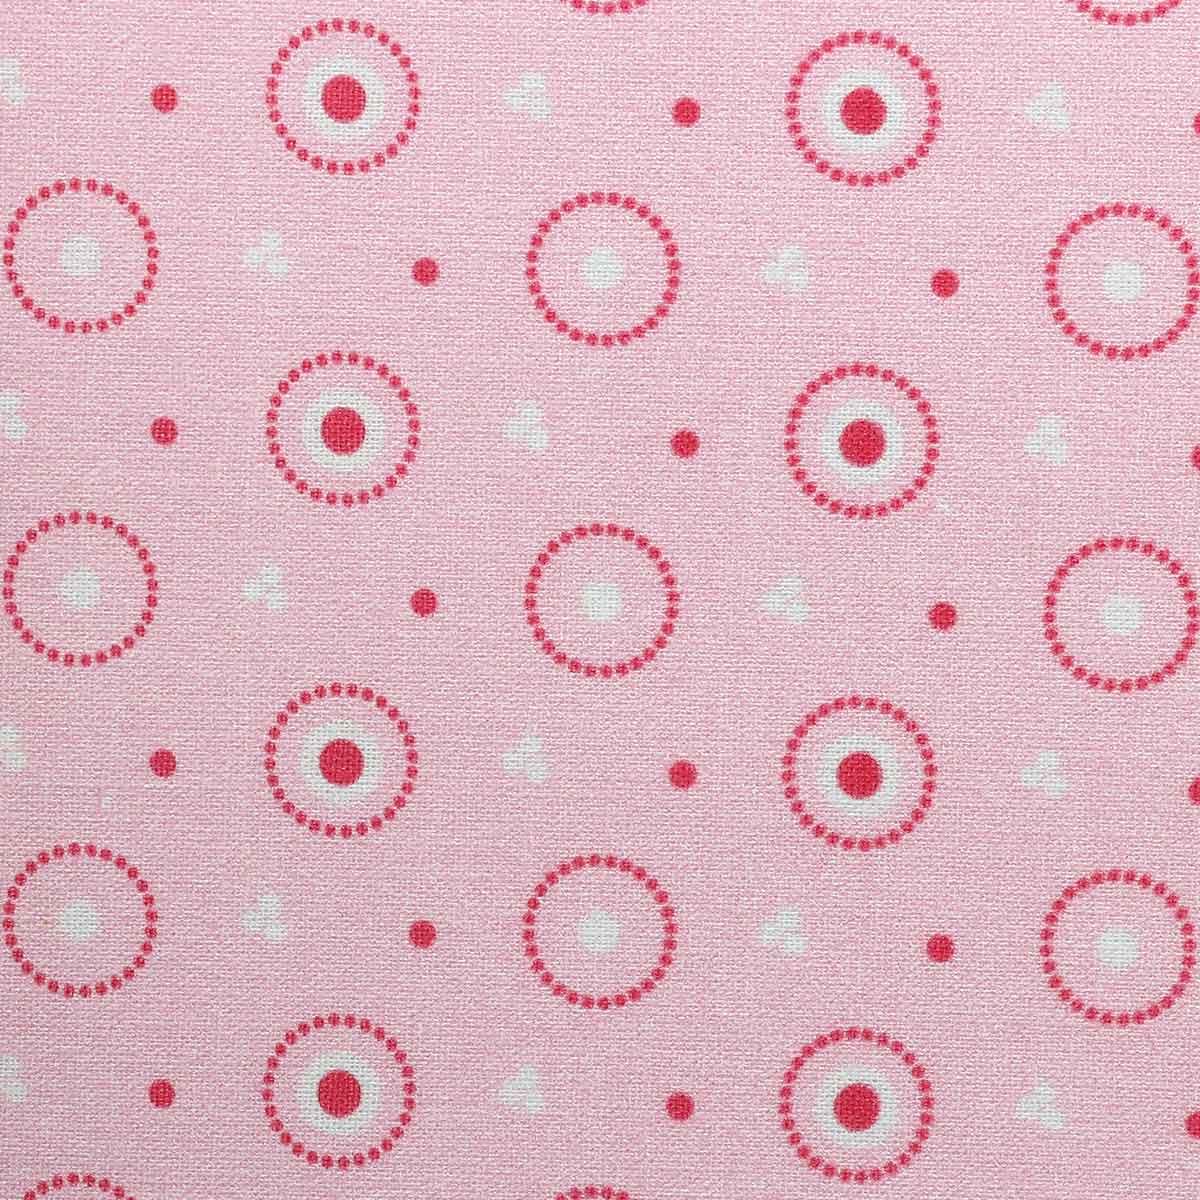 АМ592020 Ткань 'Разноцветные круги' №20, 100% хлопок, 120 г/м2, размер 48*50см